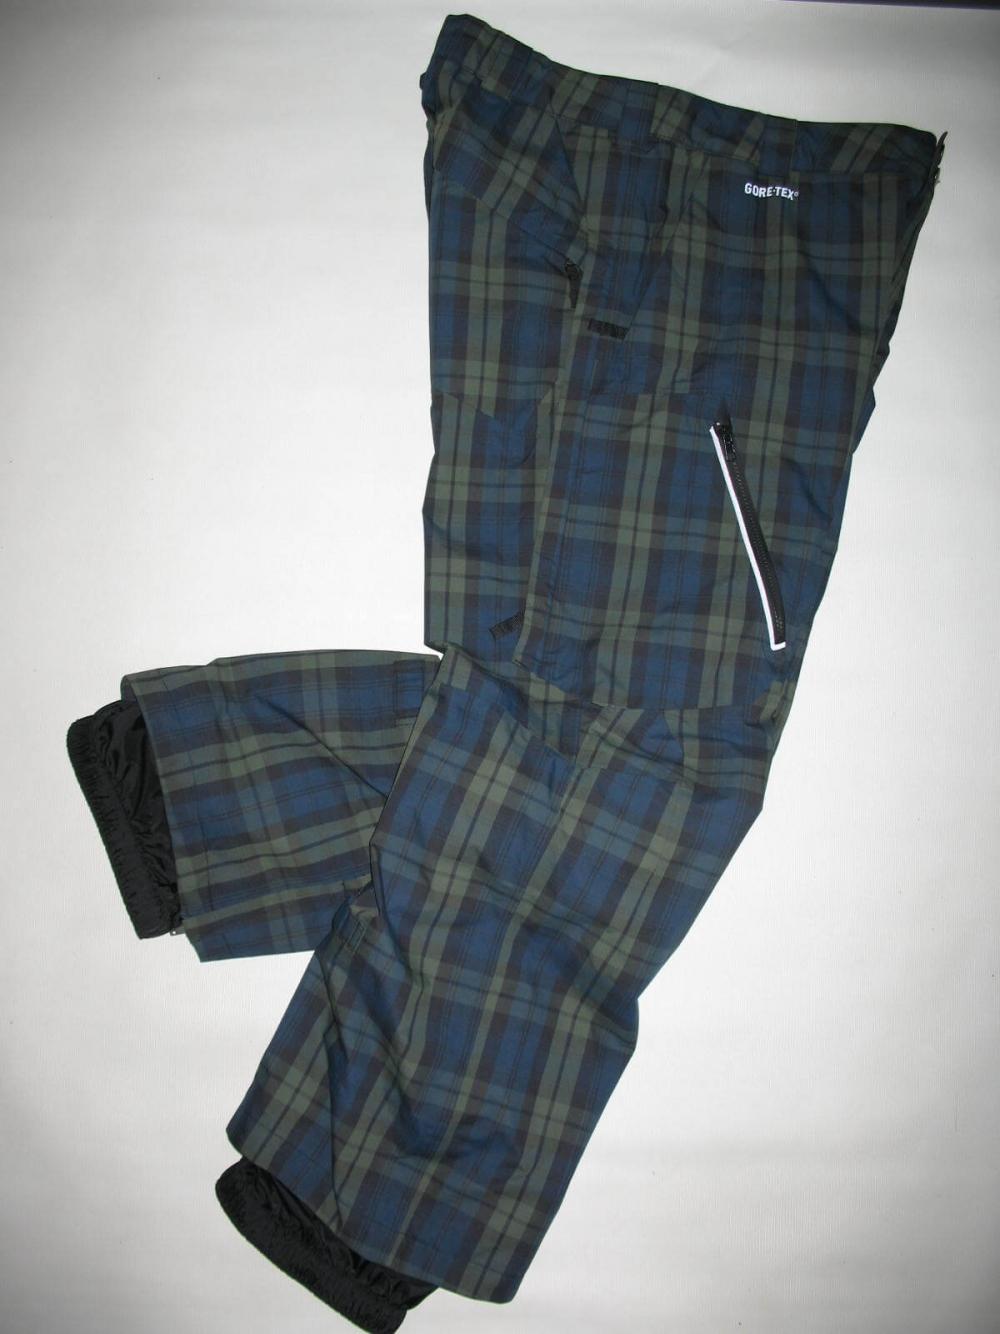 Штаны BURTON stugger AK 2L pants (размер L) - 6